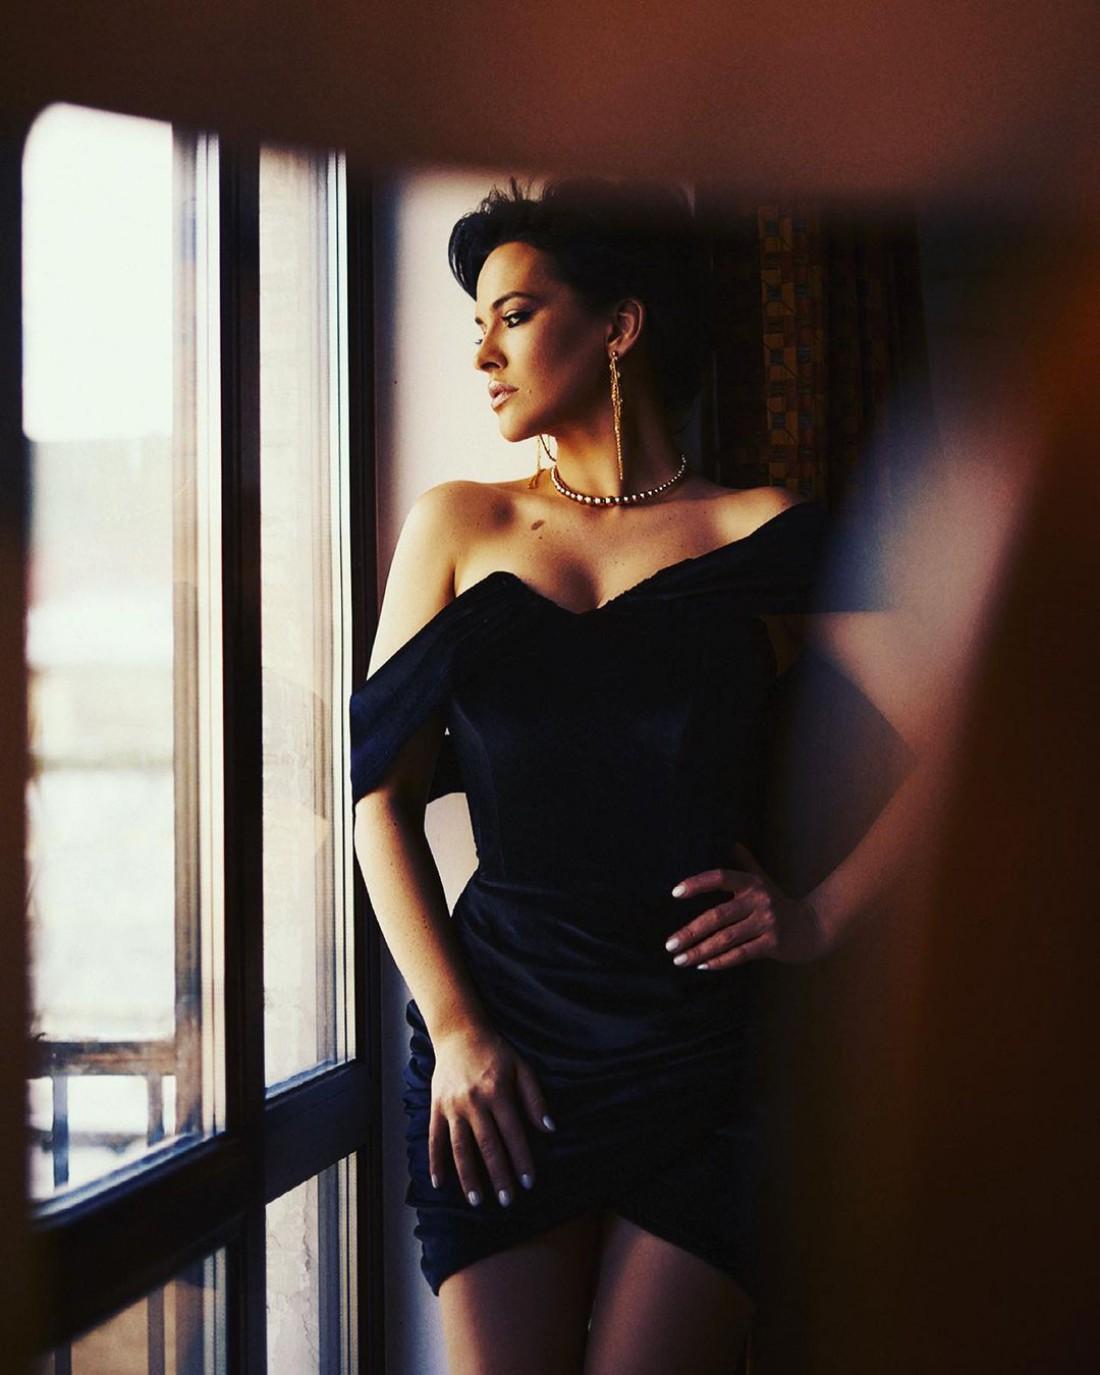 Даша Астафьева засветила пышные формы в коротеньком платье